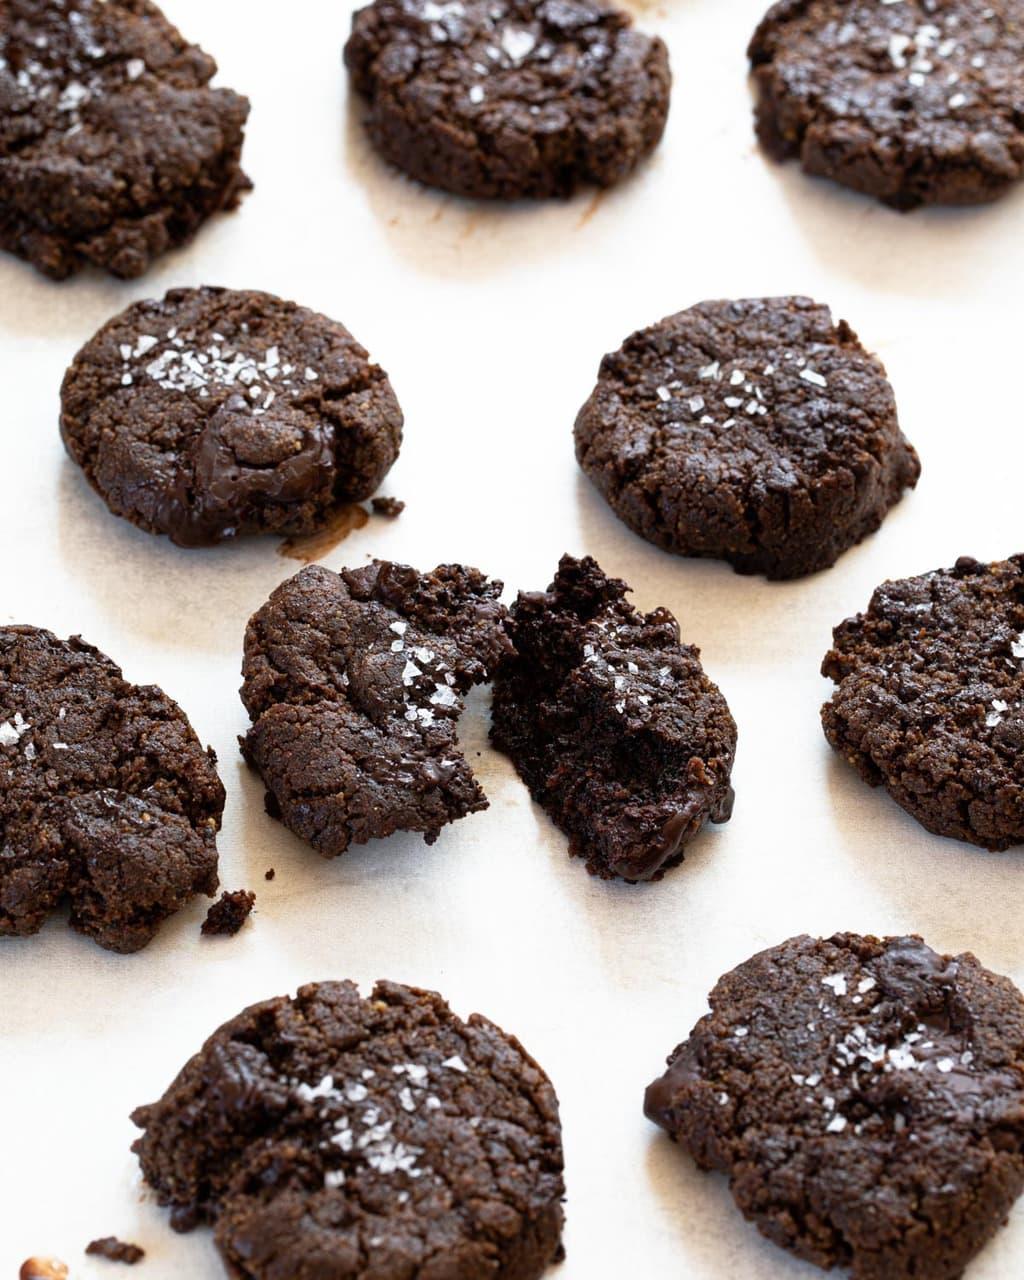 生酮雙倍巧克力豆餅乾 -巧克力超濃郁,一鍋到底超簡單!淨碳2.5g